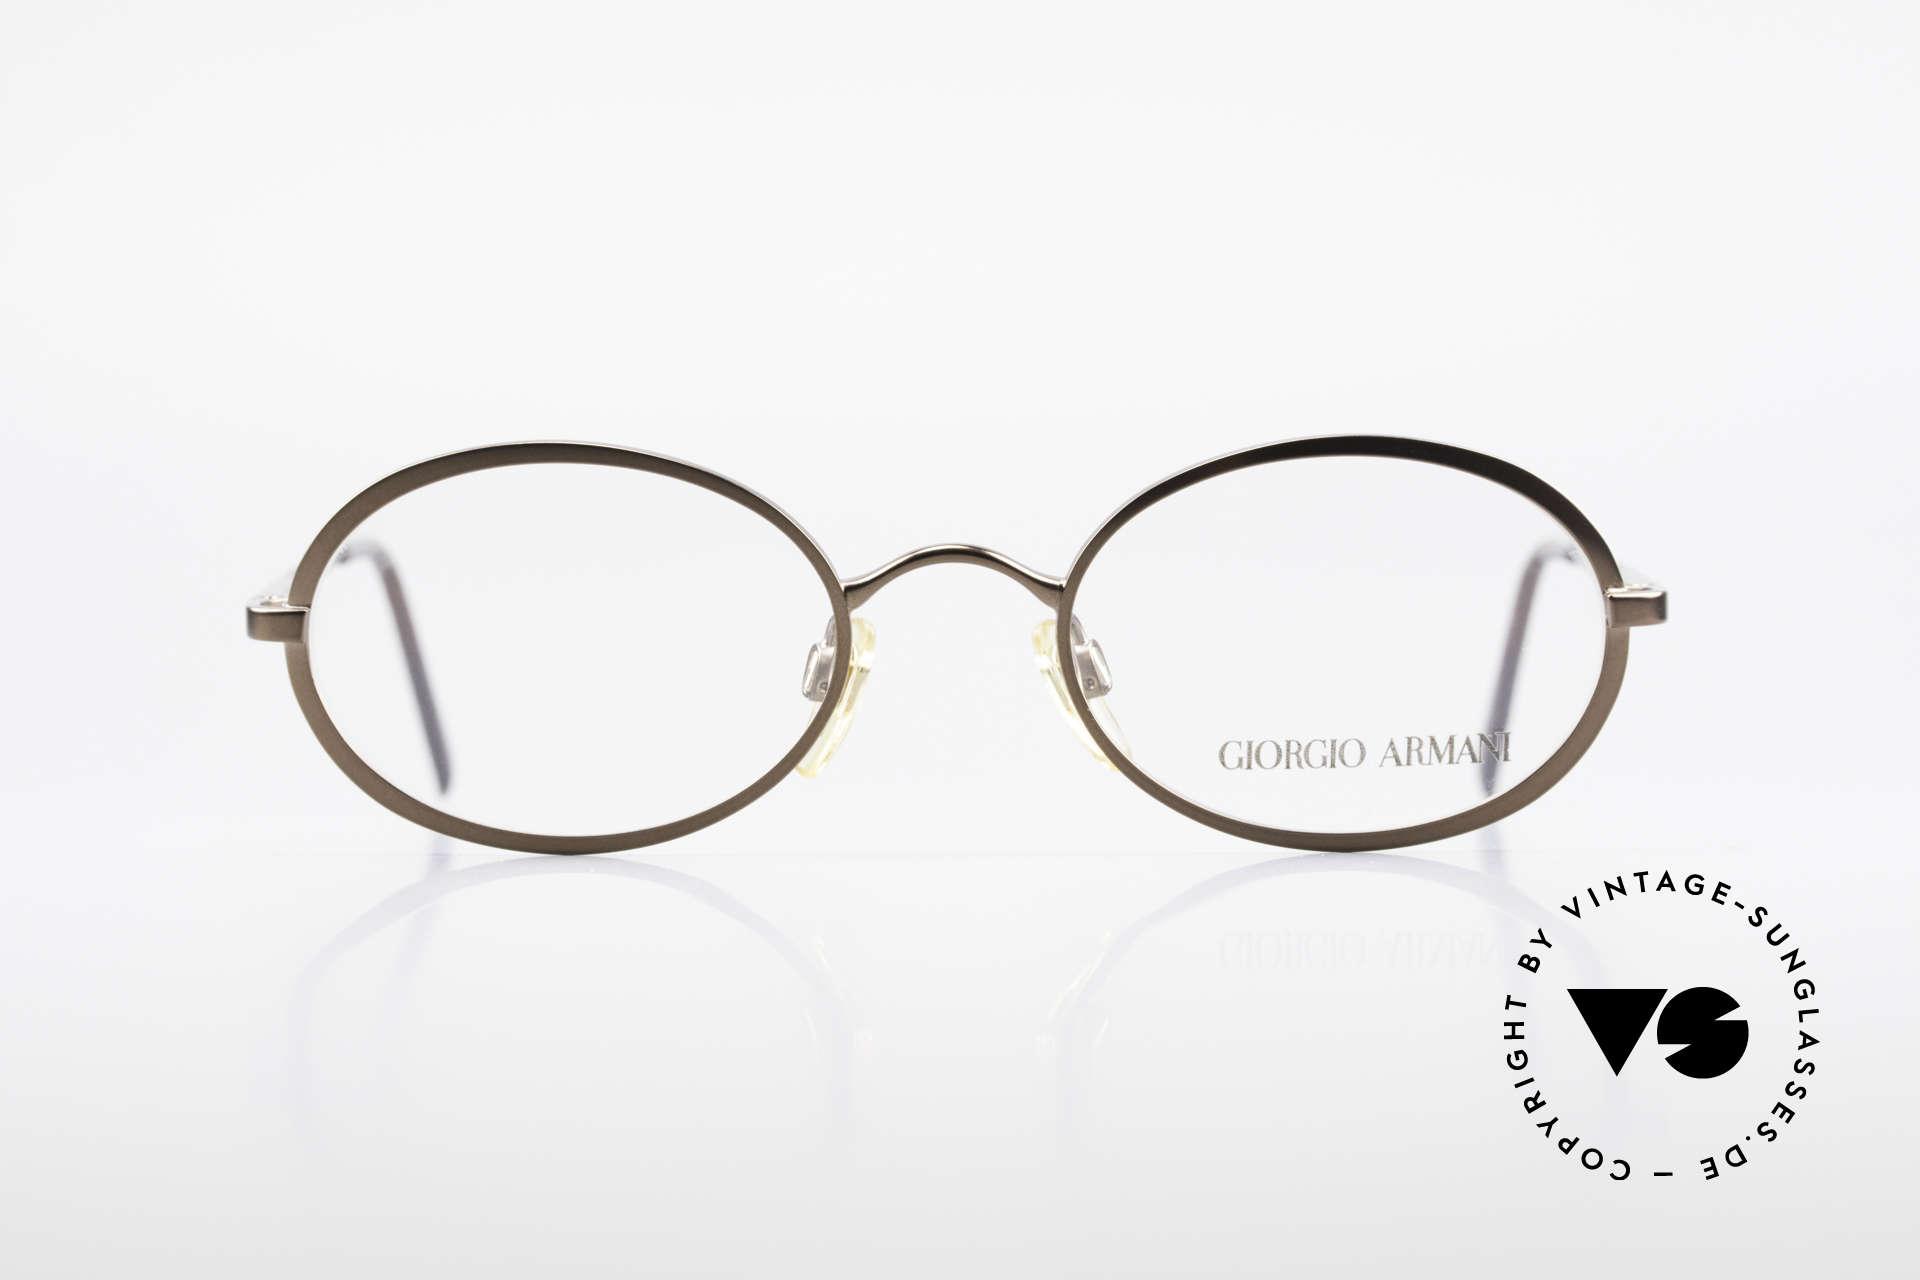 Giorgio Armani 277 90er Vintage Fassung Oval, dezenter, zeitloser Stil; passt gut zu fast jedem Look, Passend für Herren und Damen